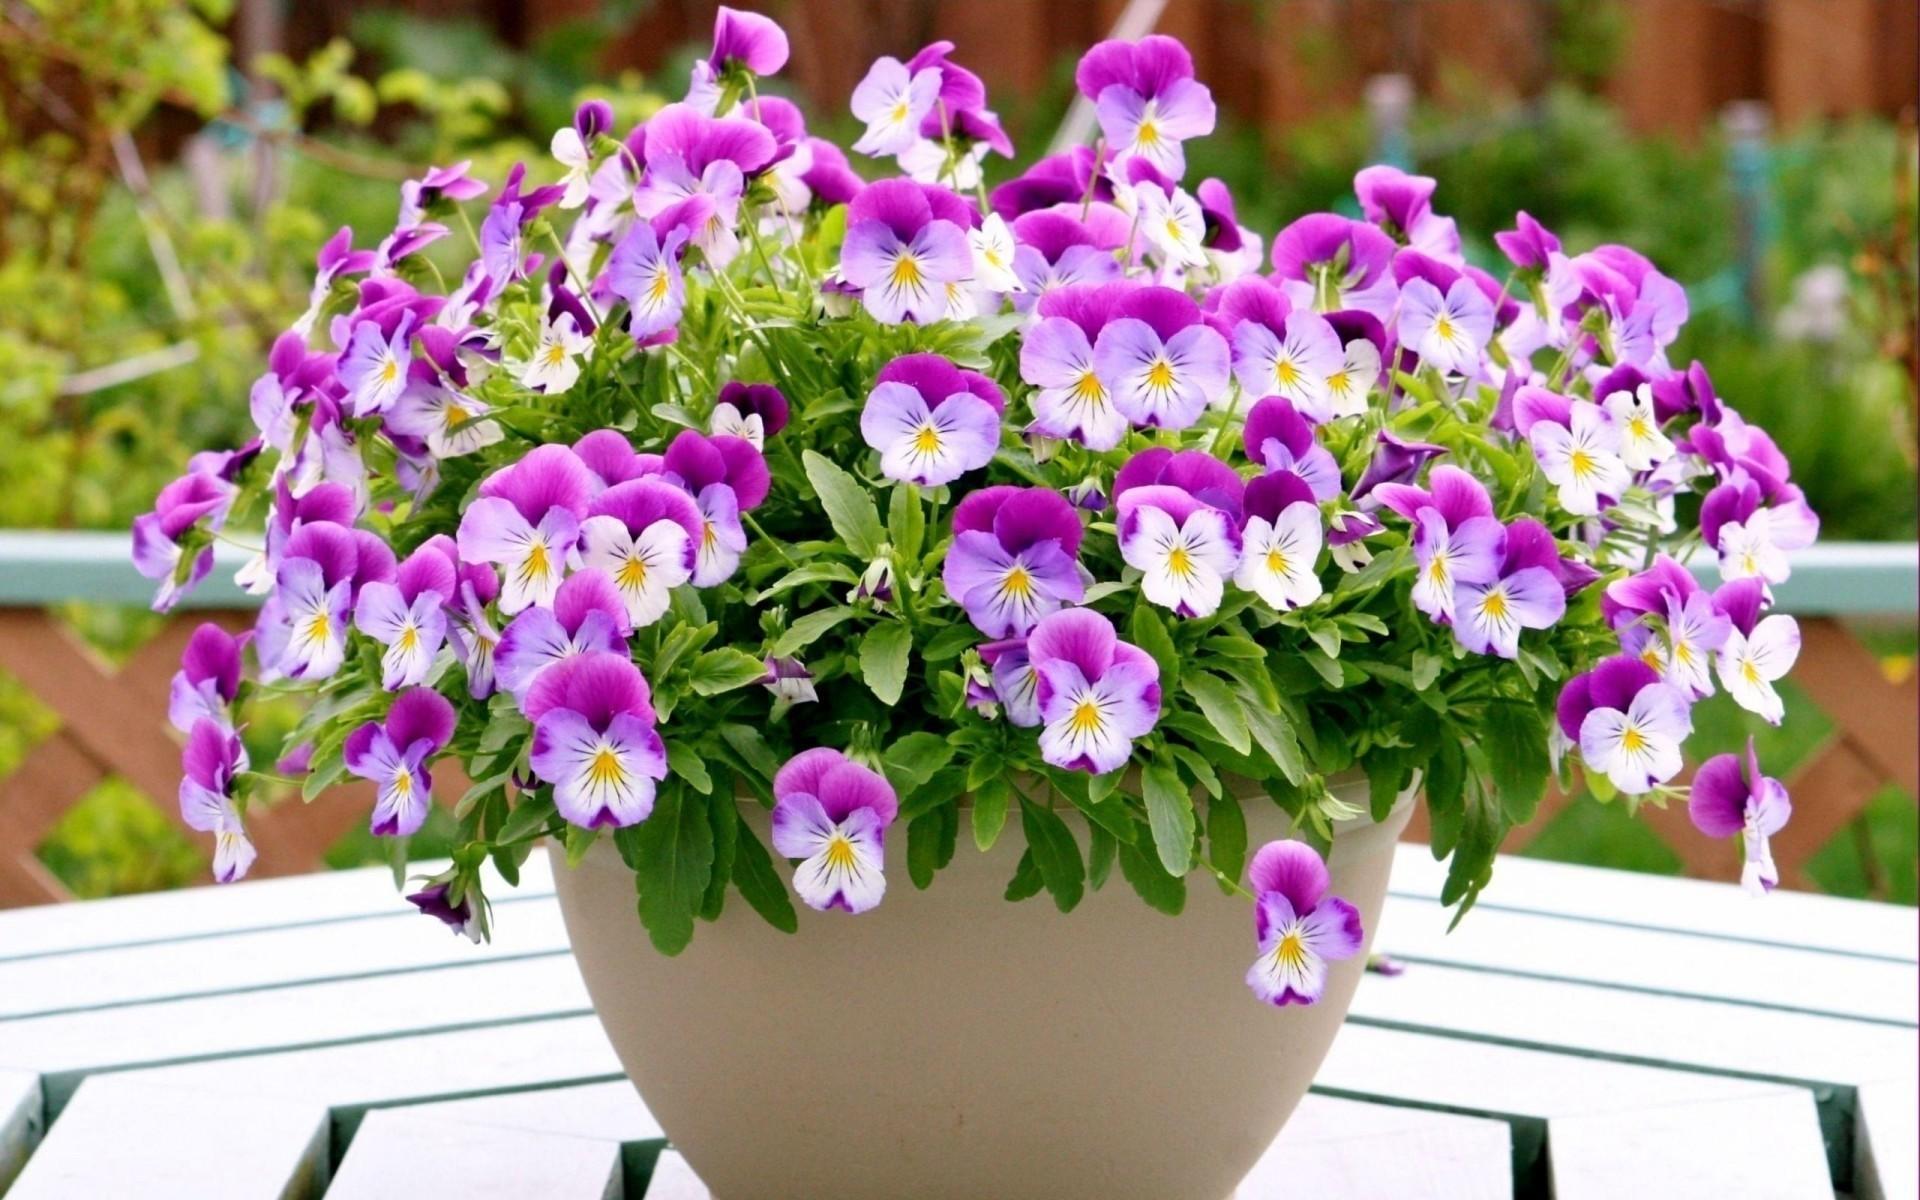 Сон про цветы в горшках, купить спб